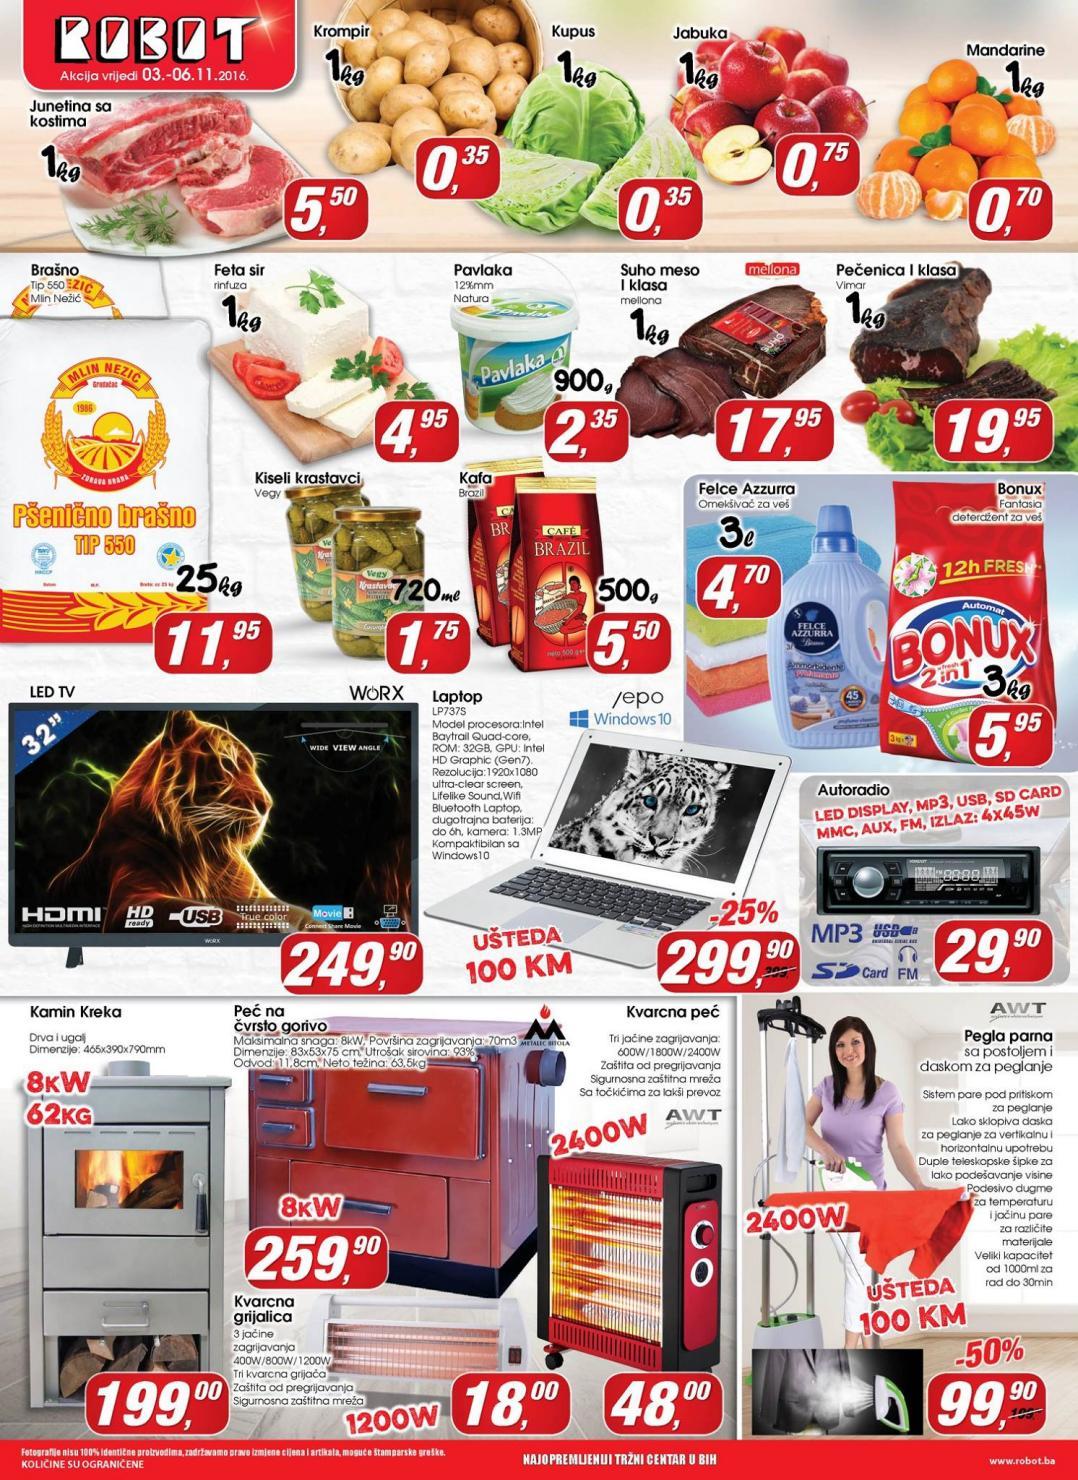 Nova vikend akcija i nove super cijene prehrane i tehnike od 03.- 06.11.2016..2016. u Robot supermarketima!